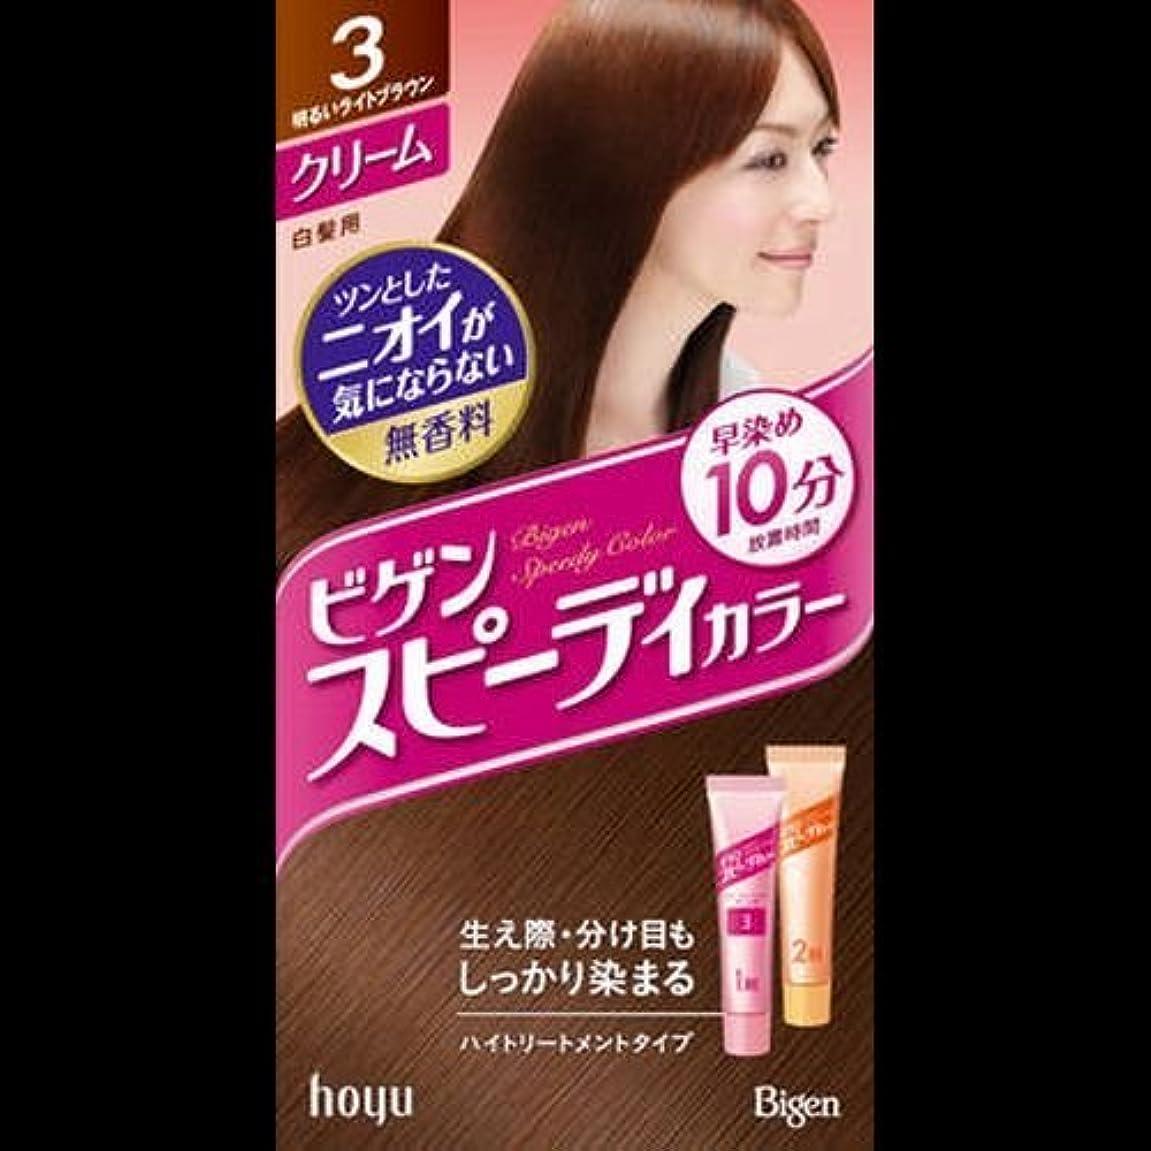 薬剤師根拠プラスチックビゲンスピィーディーカラー クリーム 3 明るいライトブラウン ×2セット